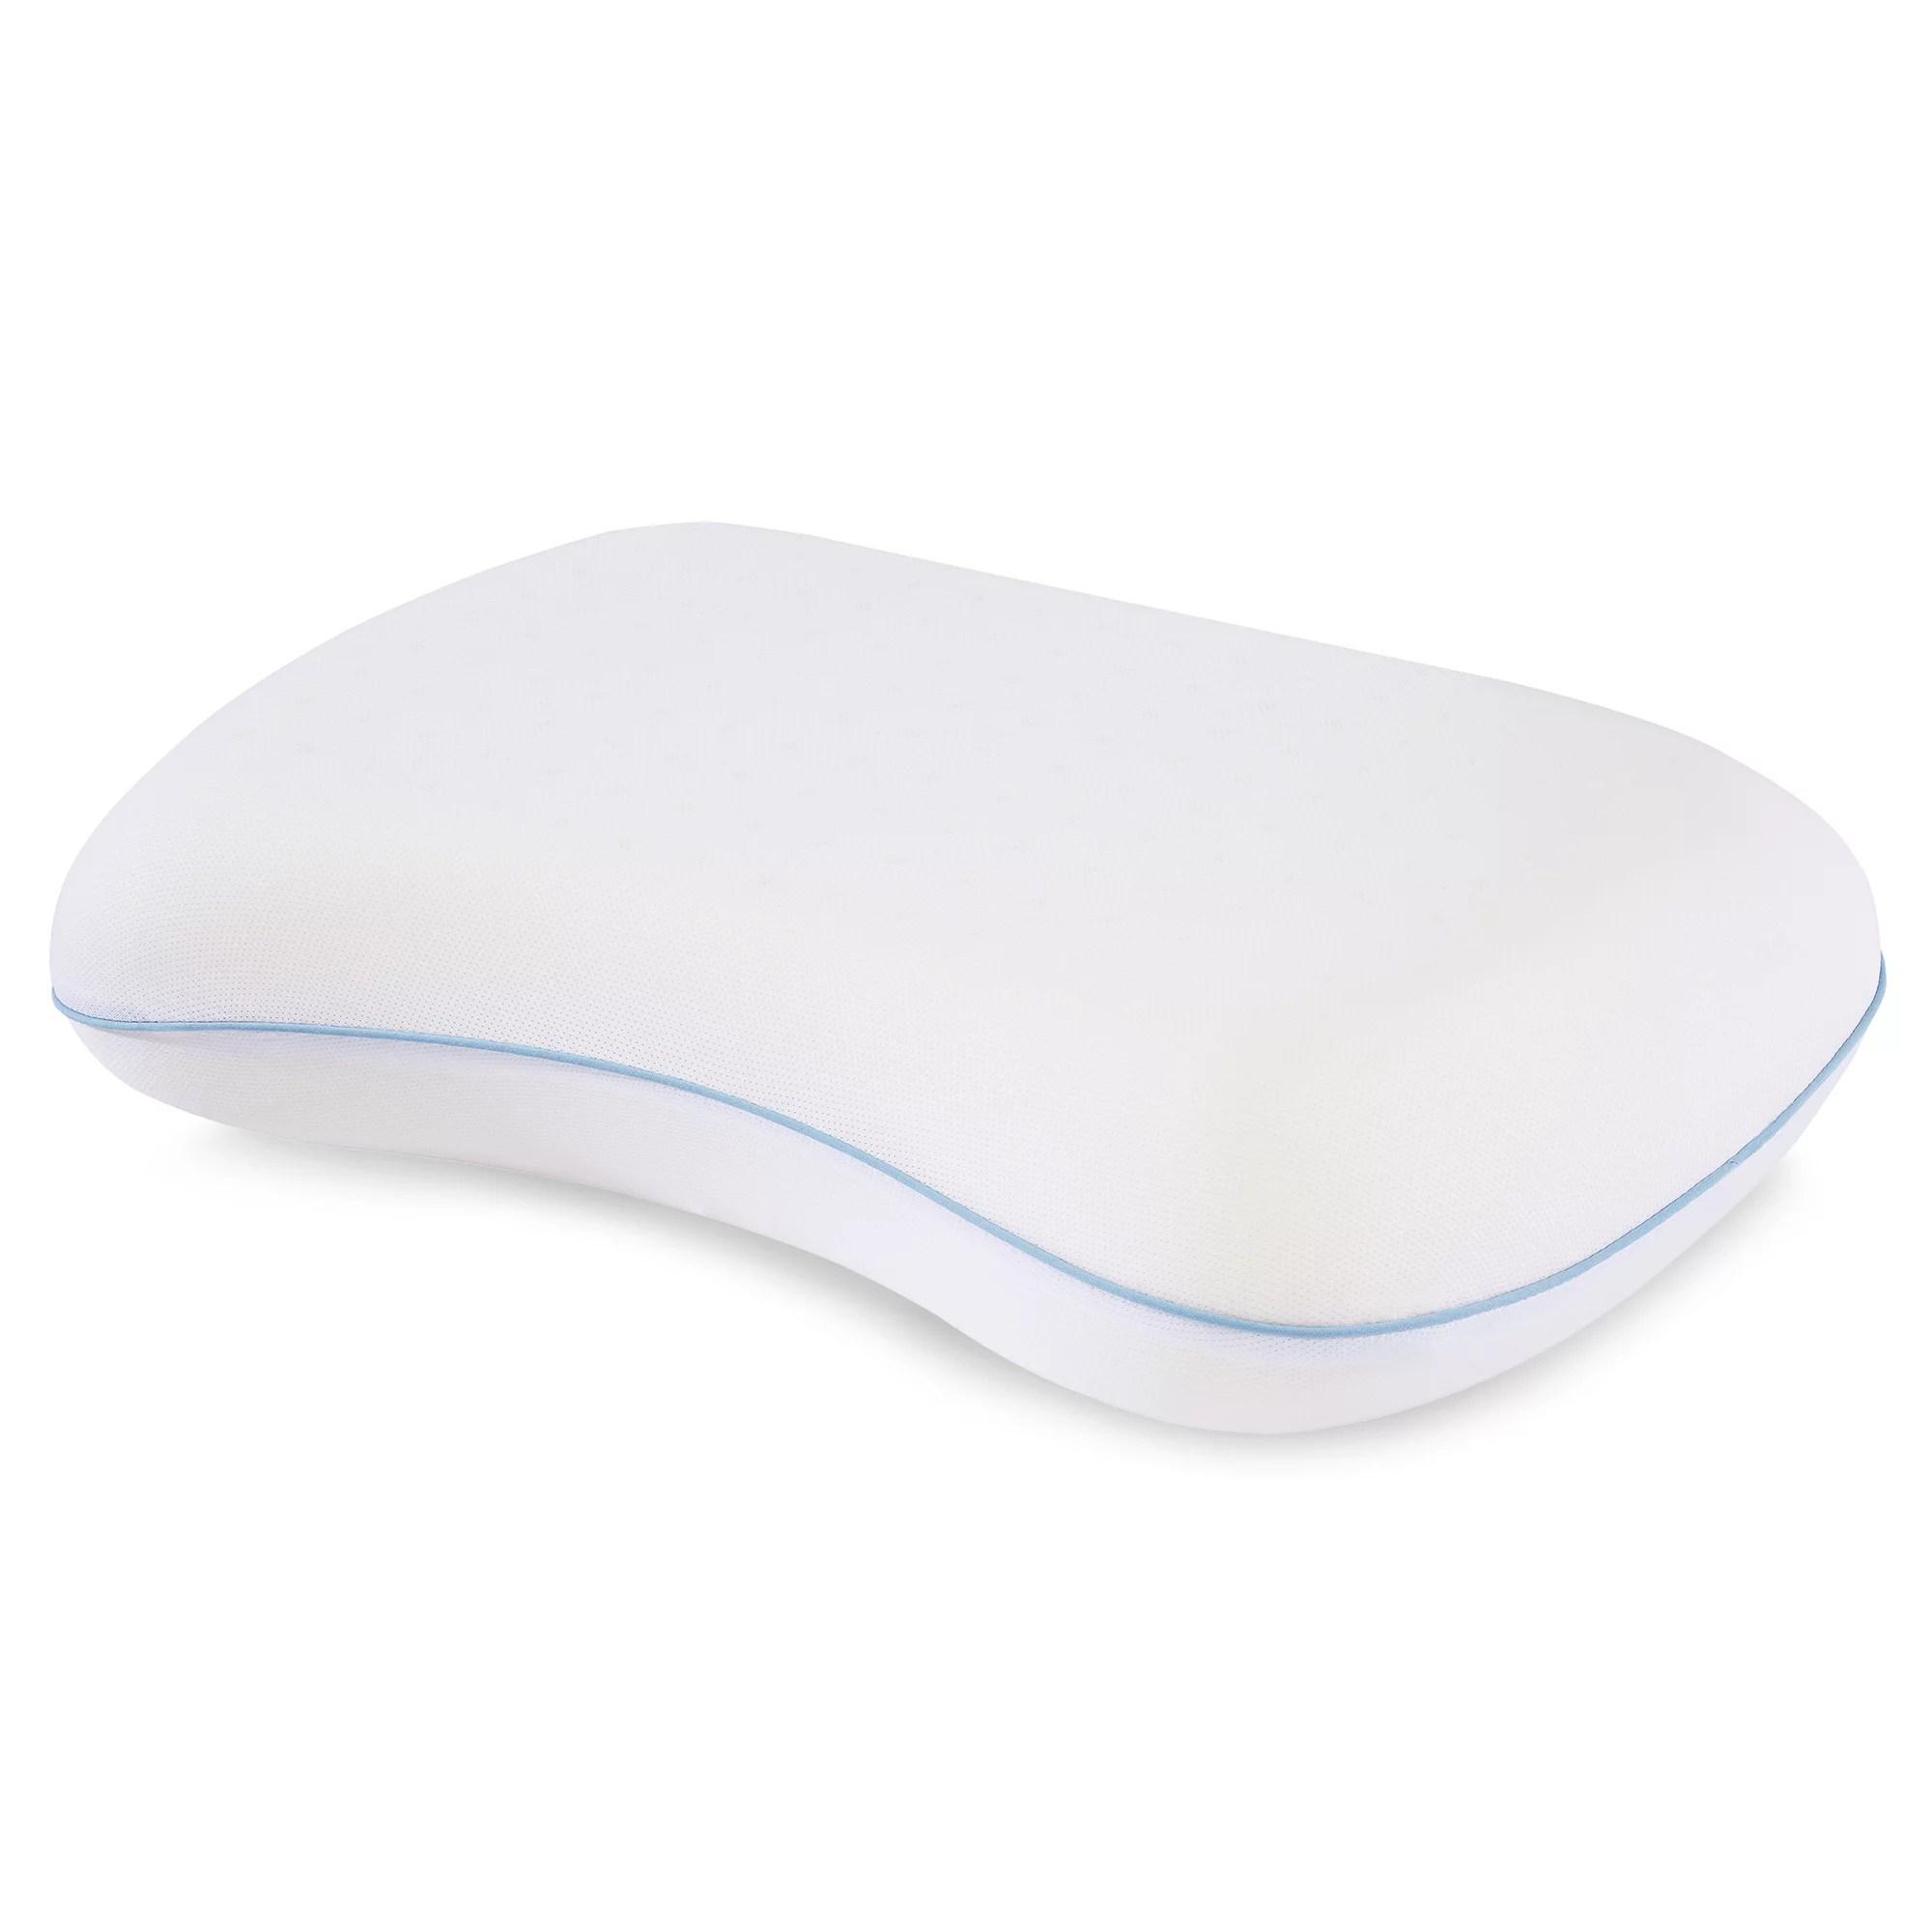 dream serenity ergo shape comfort memory foam pillow 1 each walmart com